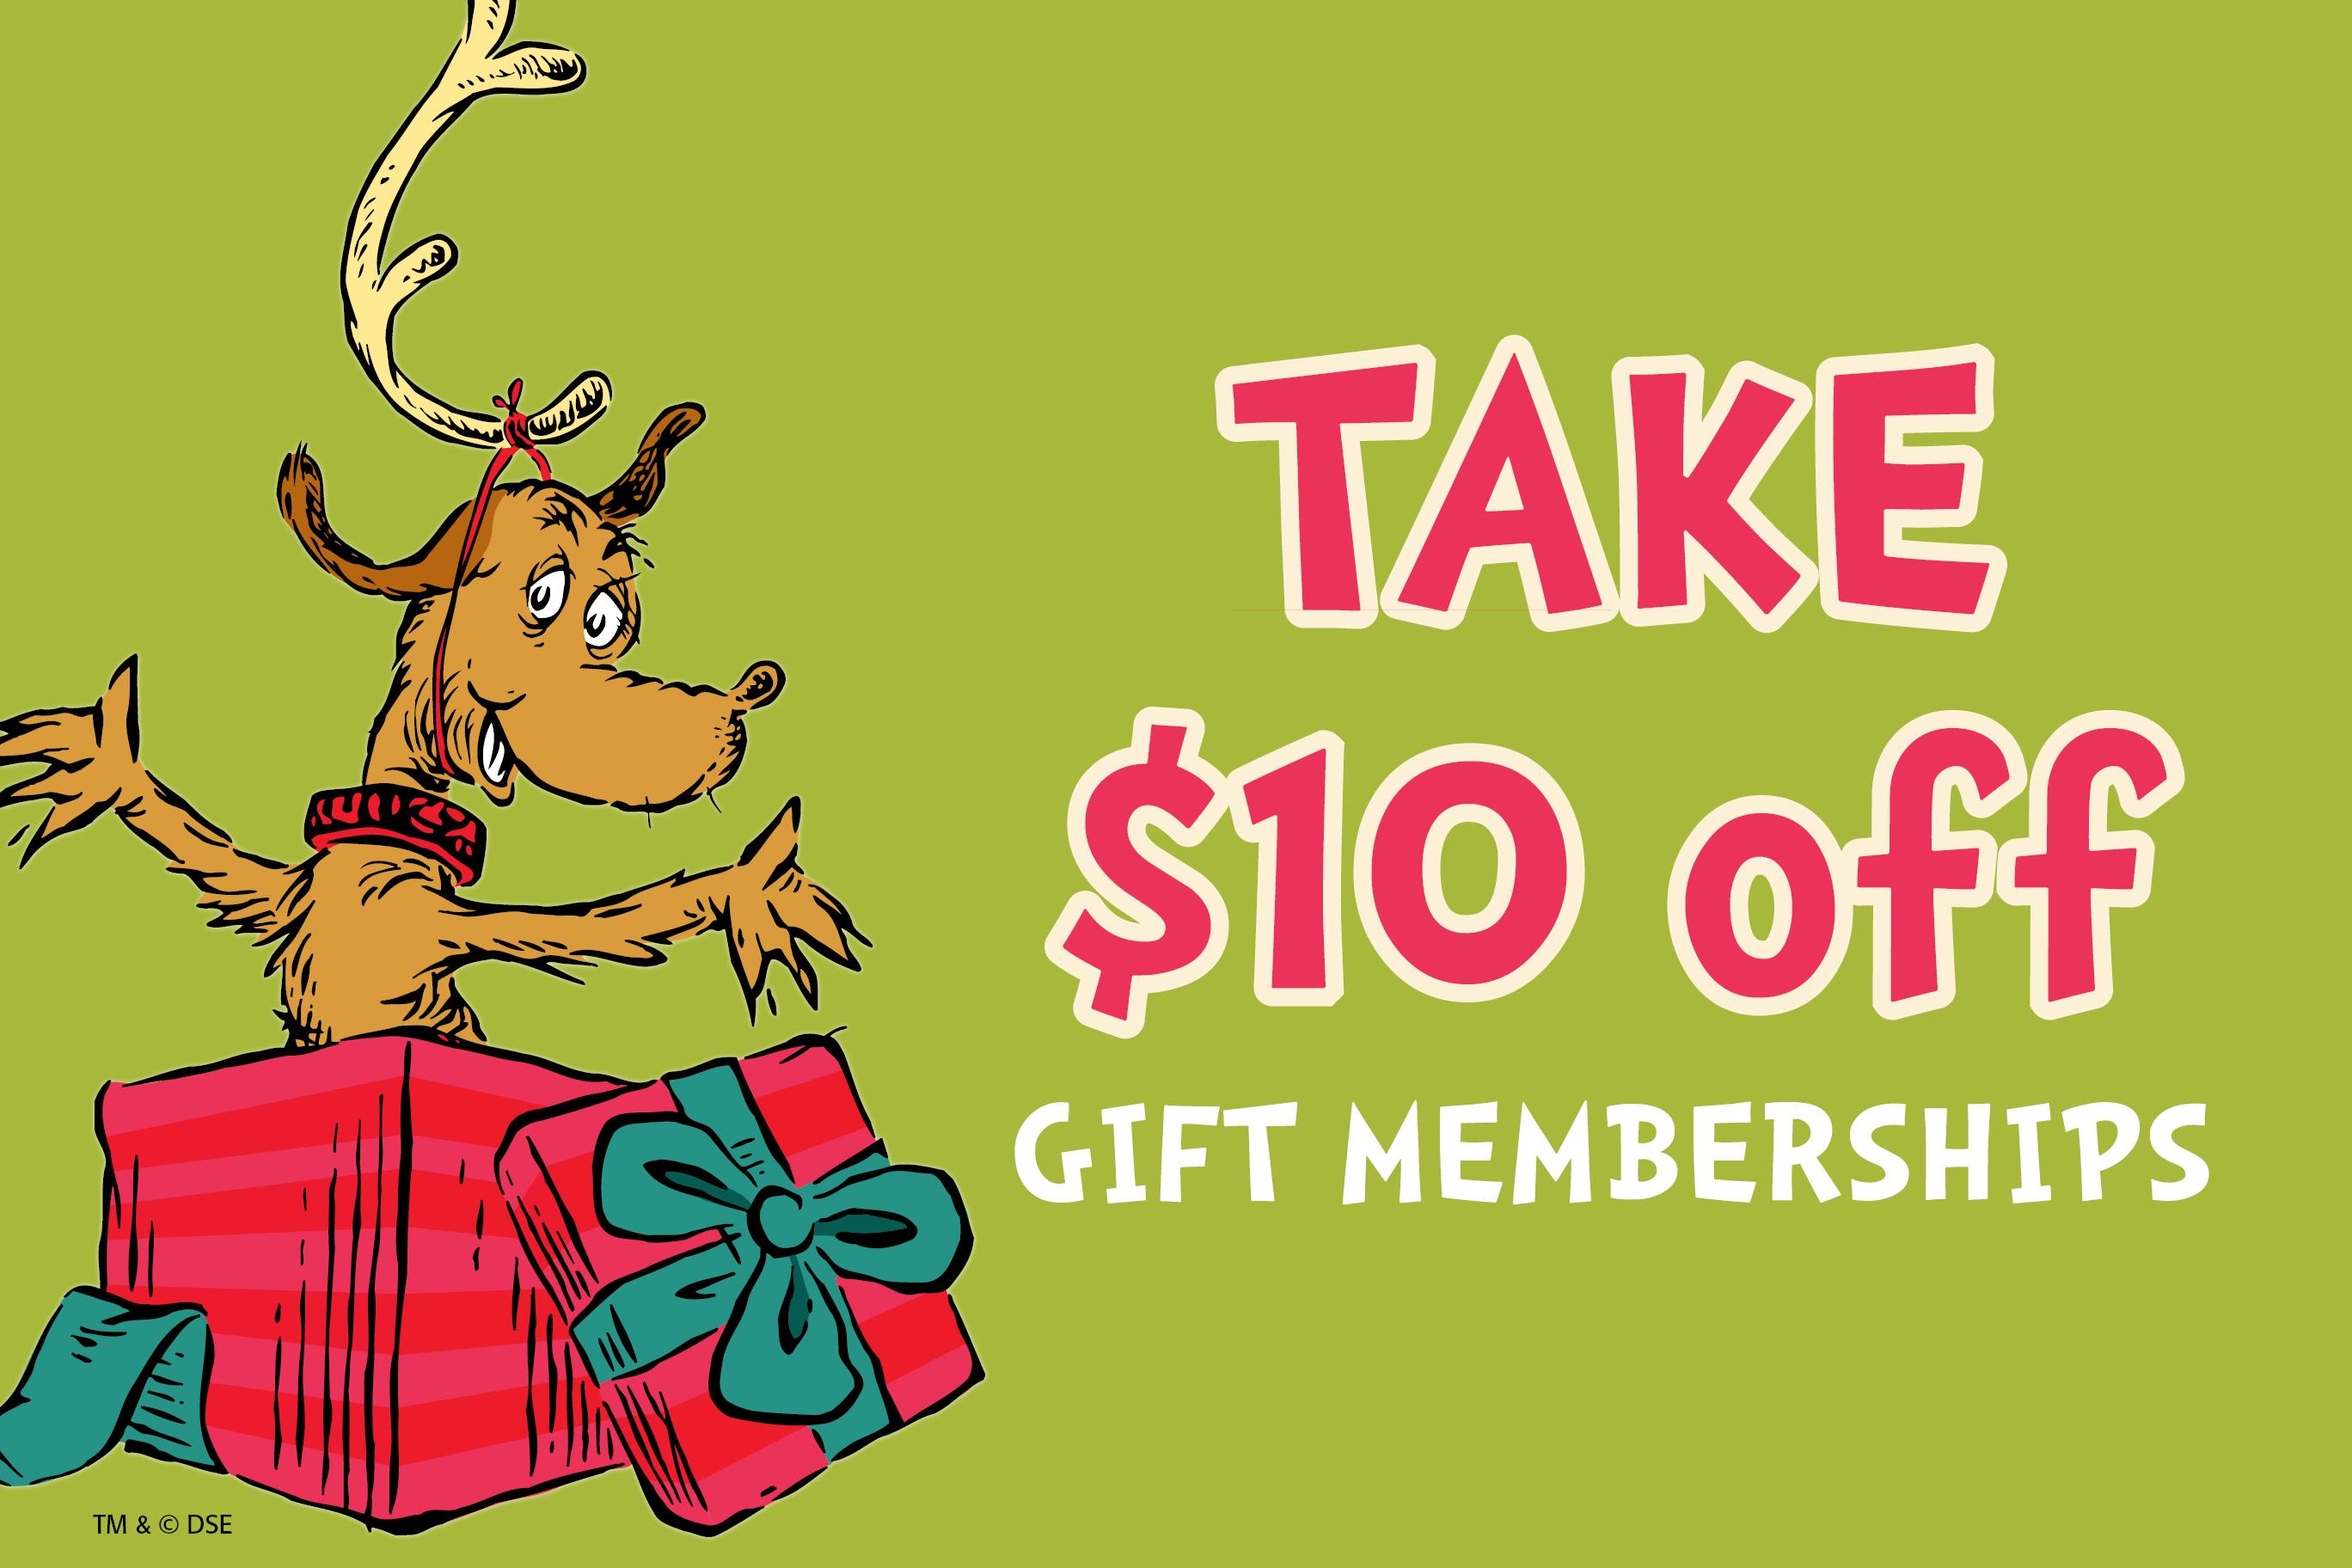 Take $10 off gift memberships